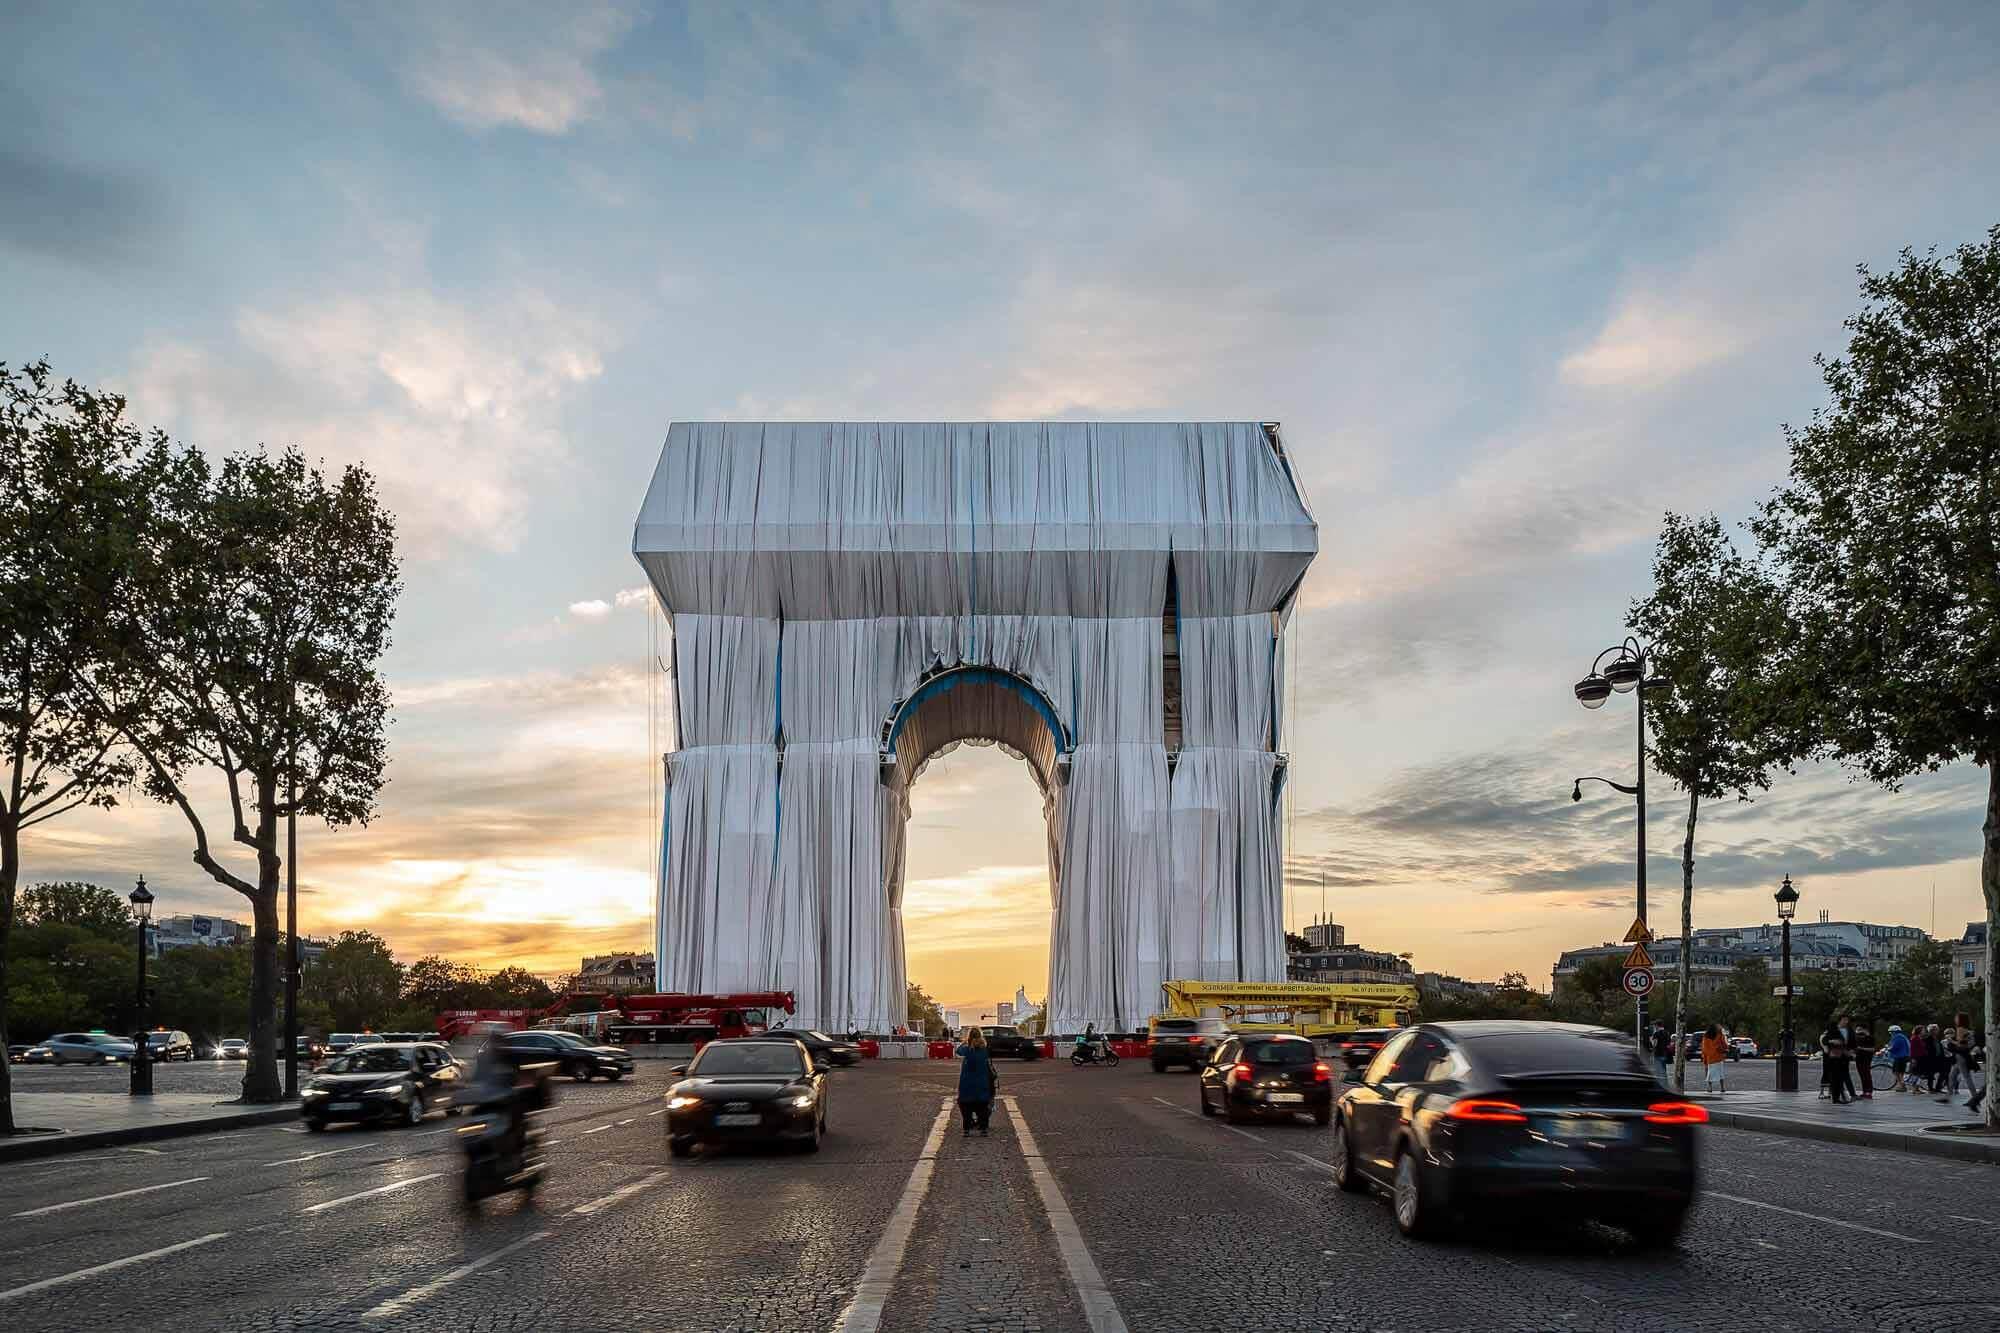 Первые изображения открывают триумфальную арку Христо в Париже